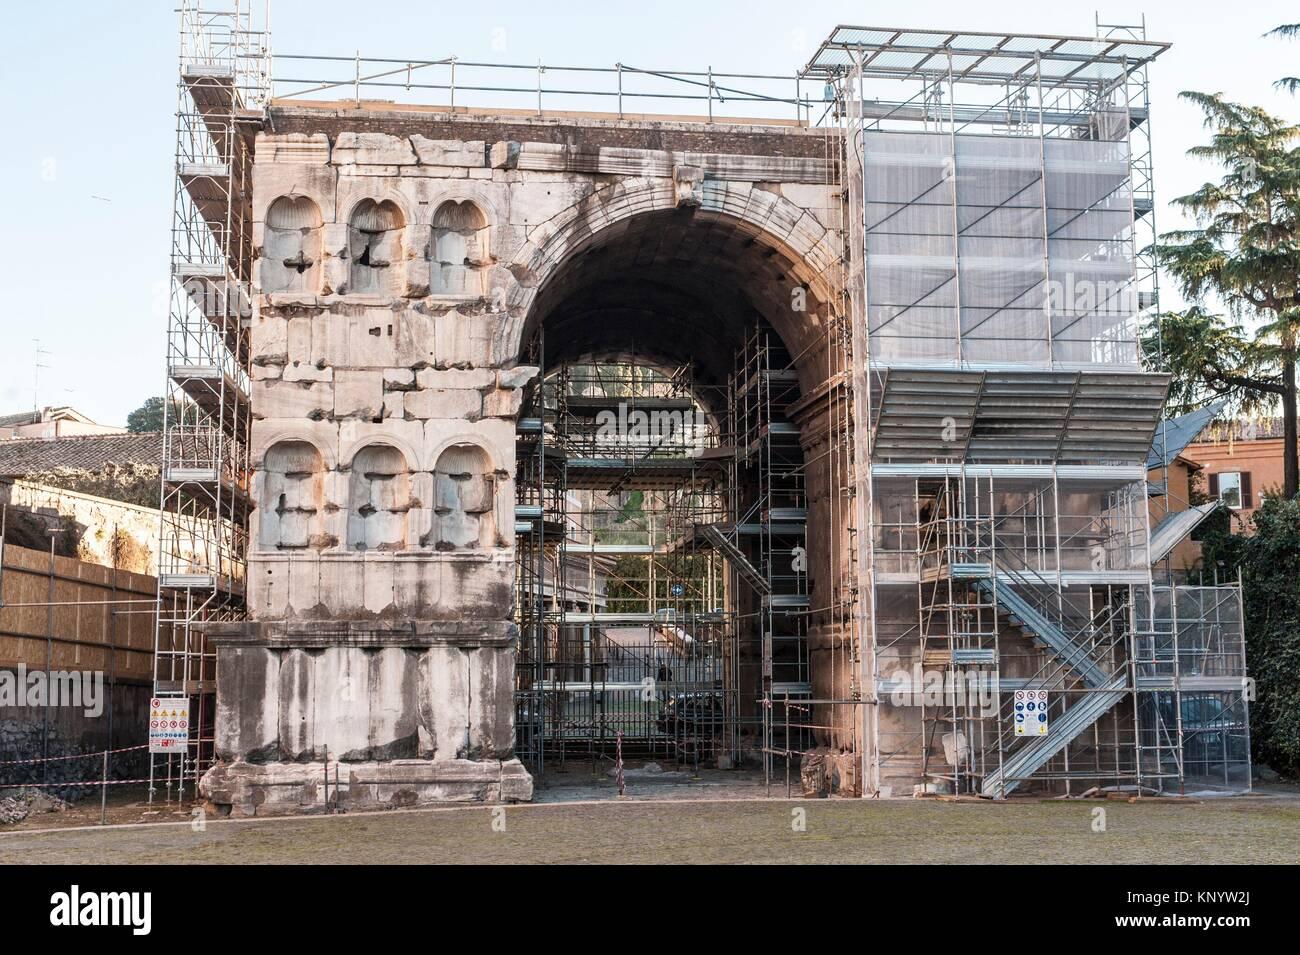 Giano stock photos giano stock images alamy for Arco arredamenti san giorgio